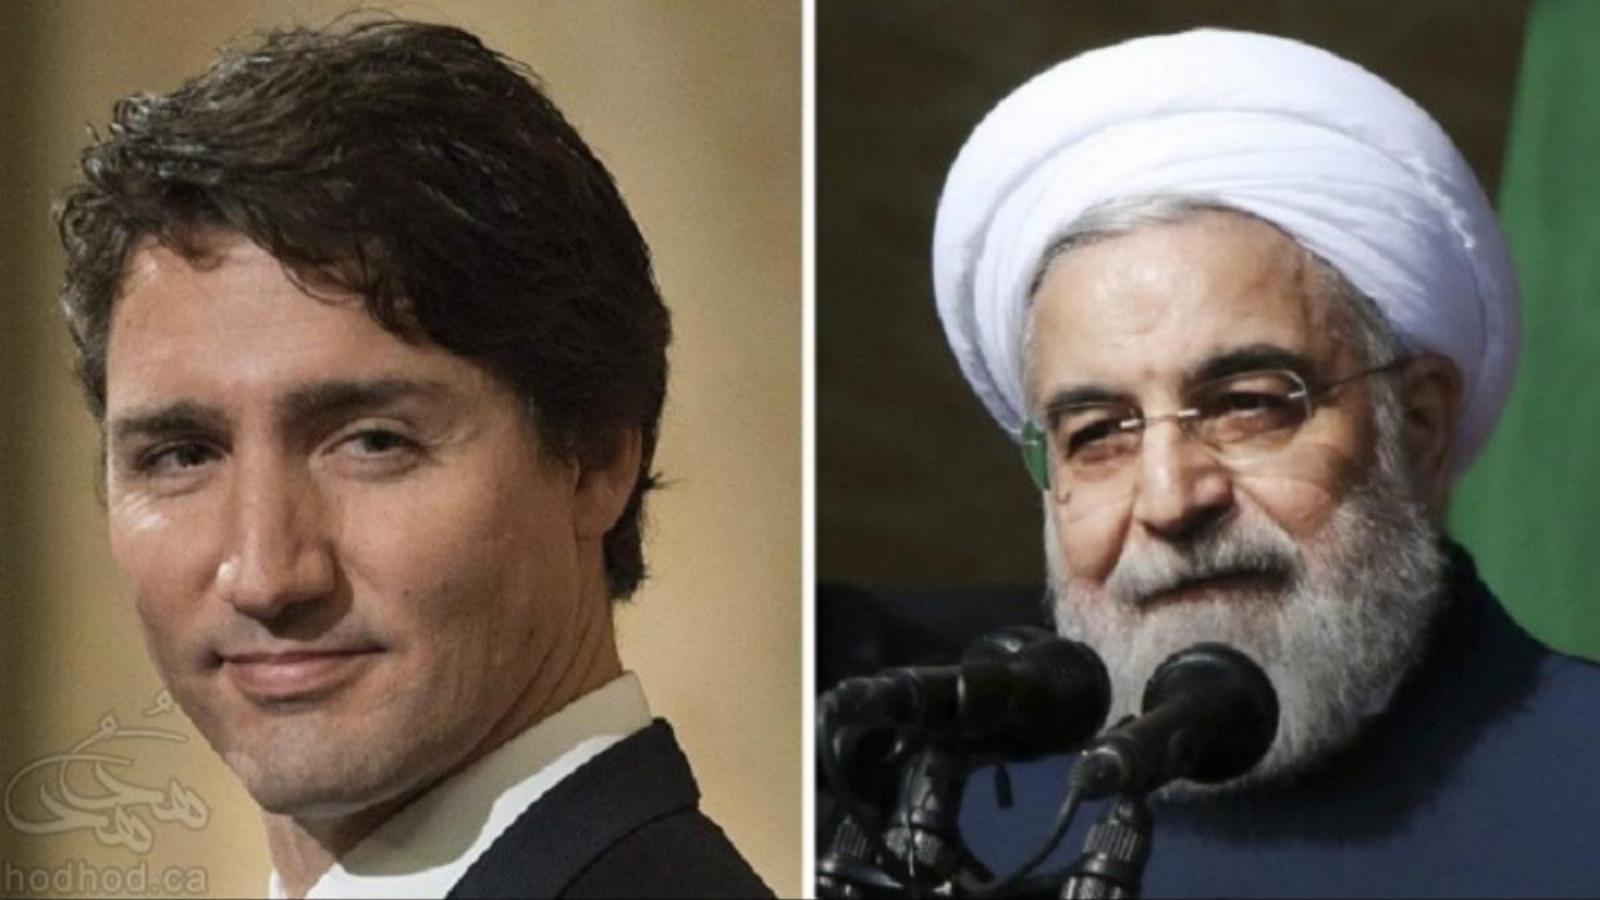 سی بی سی کانادا گزارش داد: امروز بیش از هر زمان دیگری کانادا باید از ایران حمایت کند